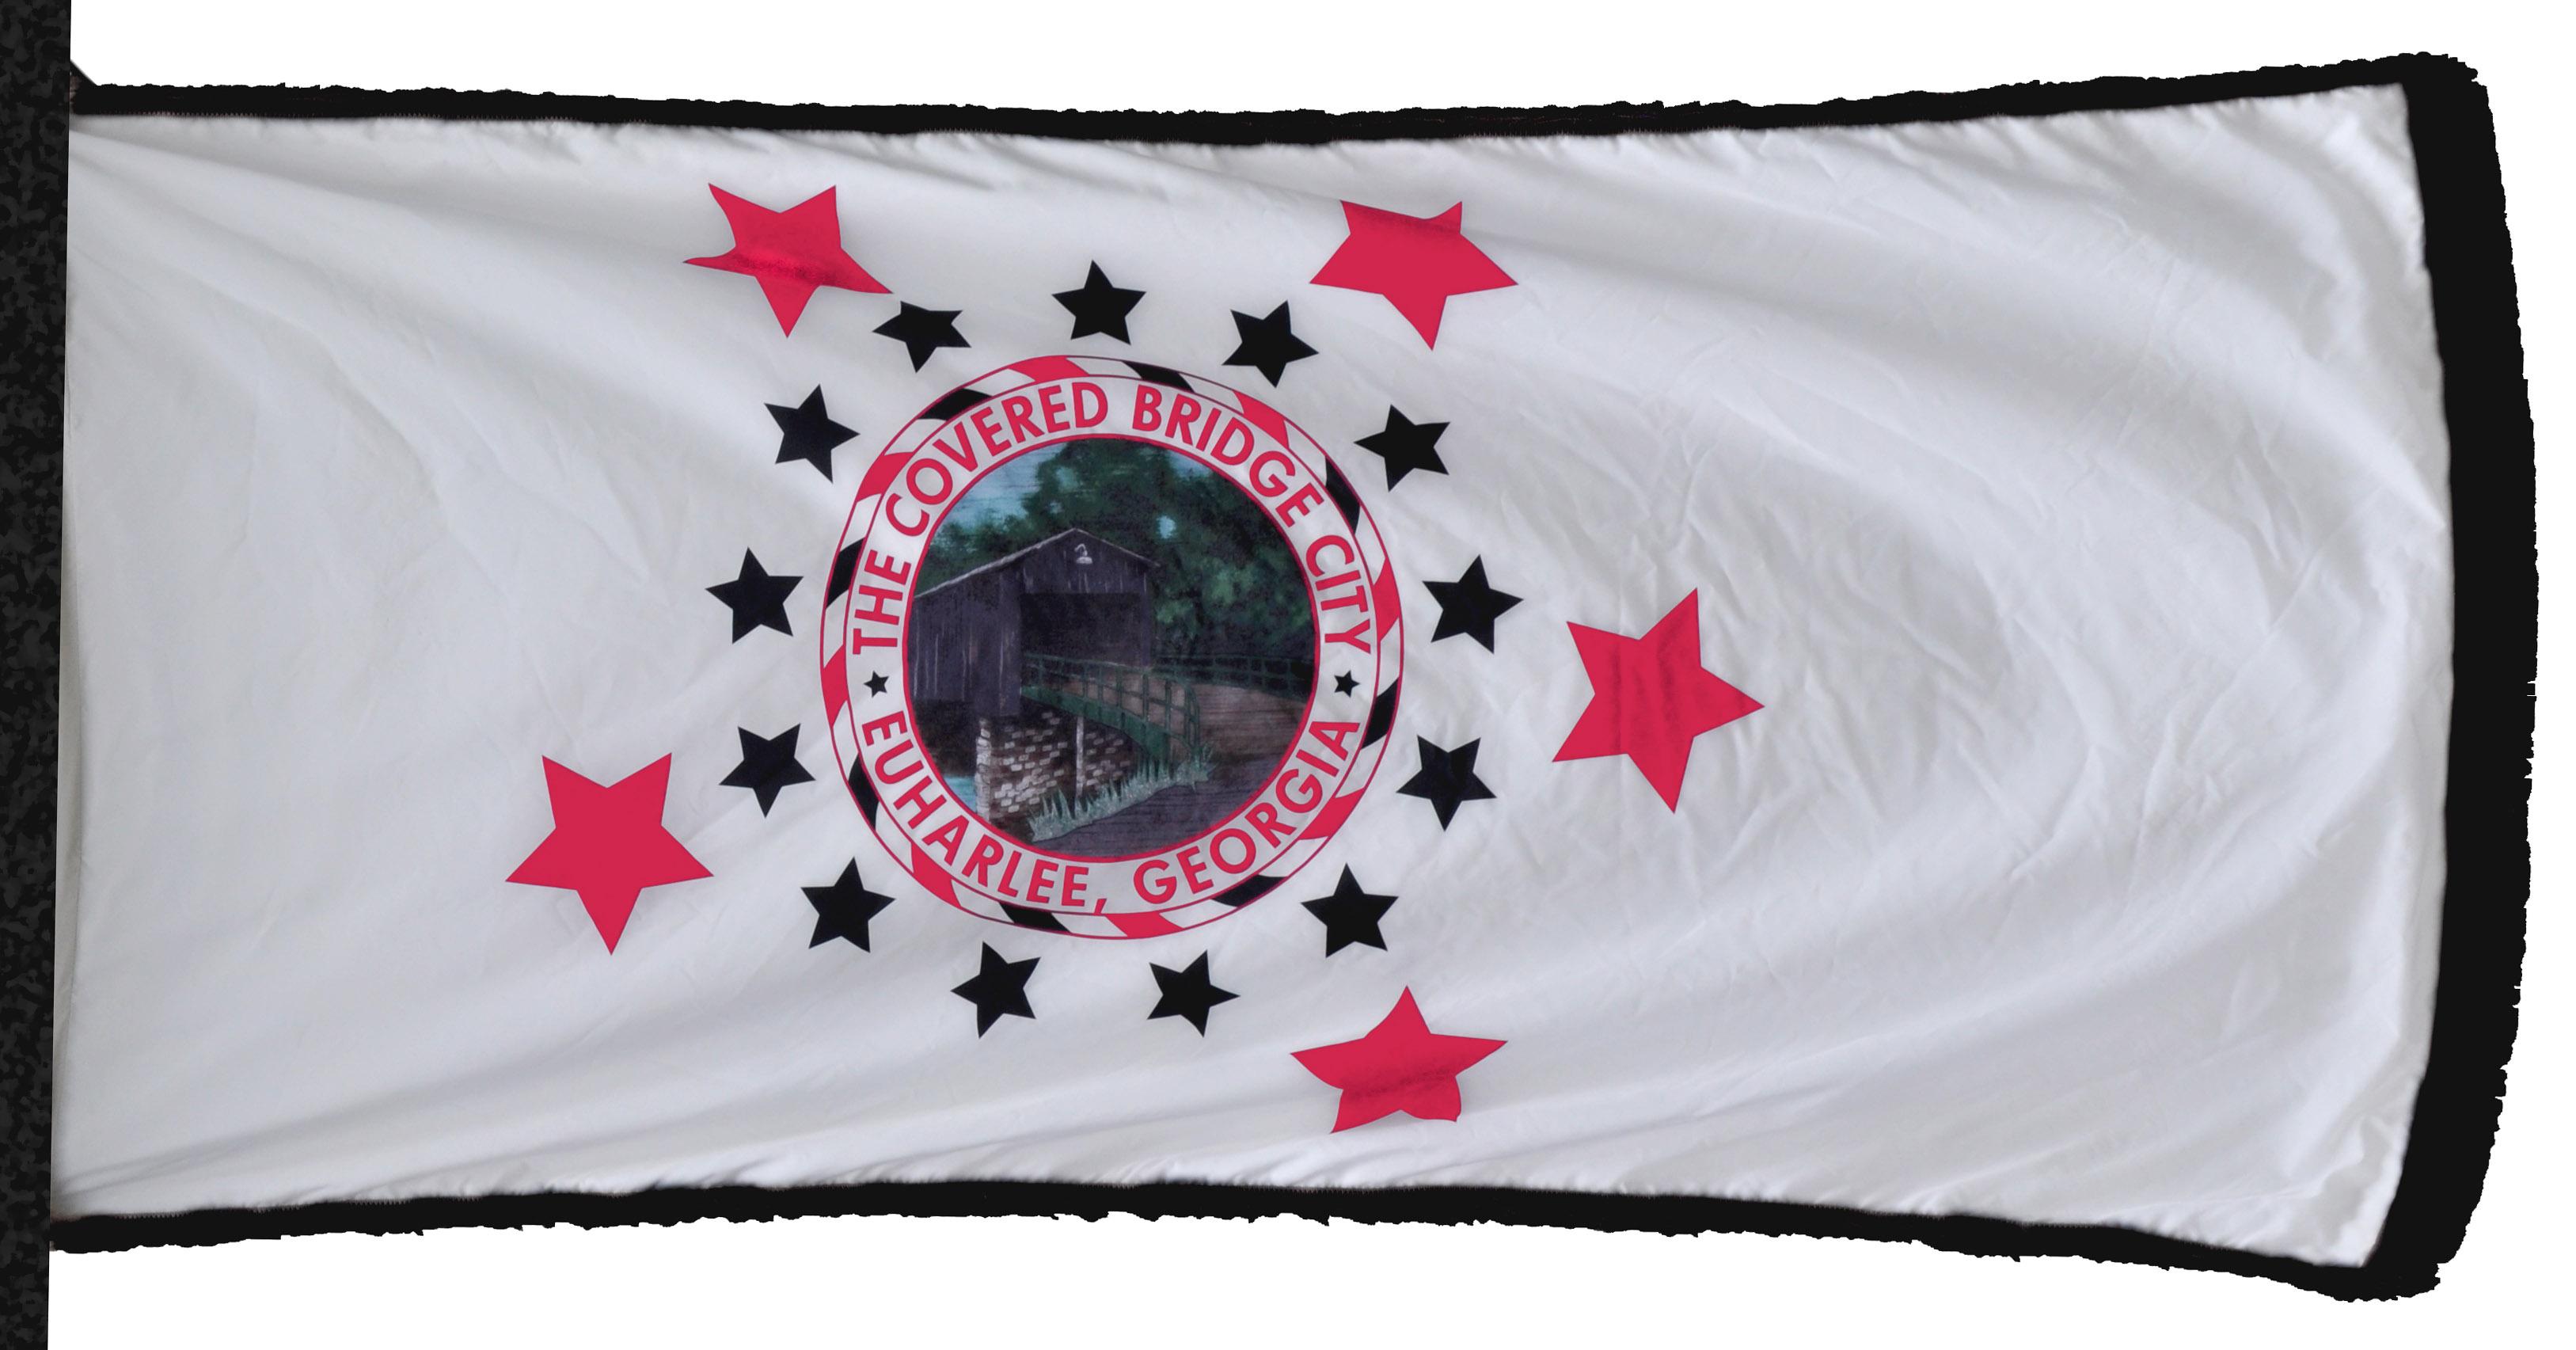 Euharlee_City_Flag.jpg